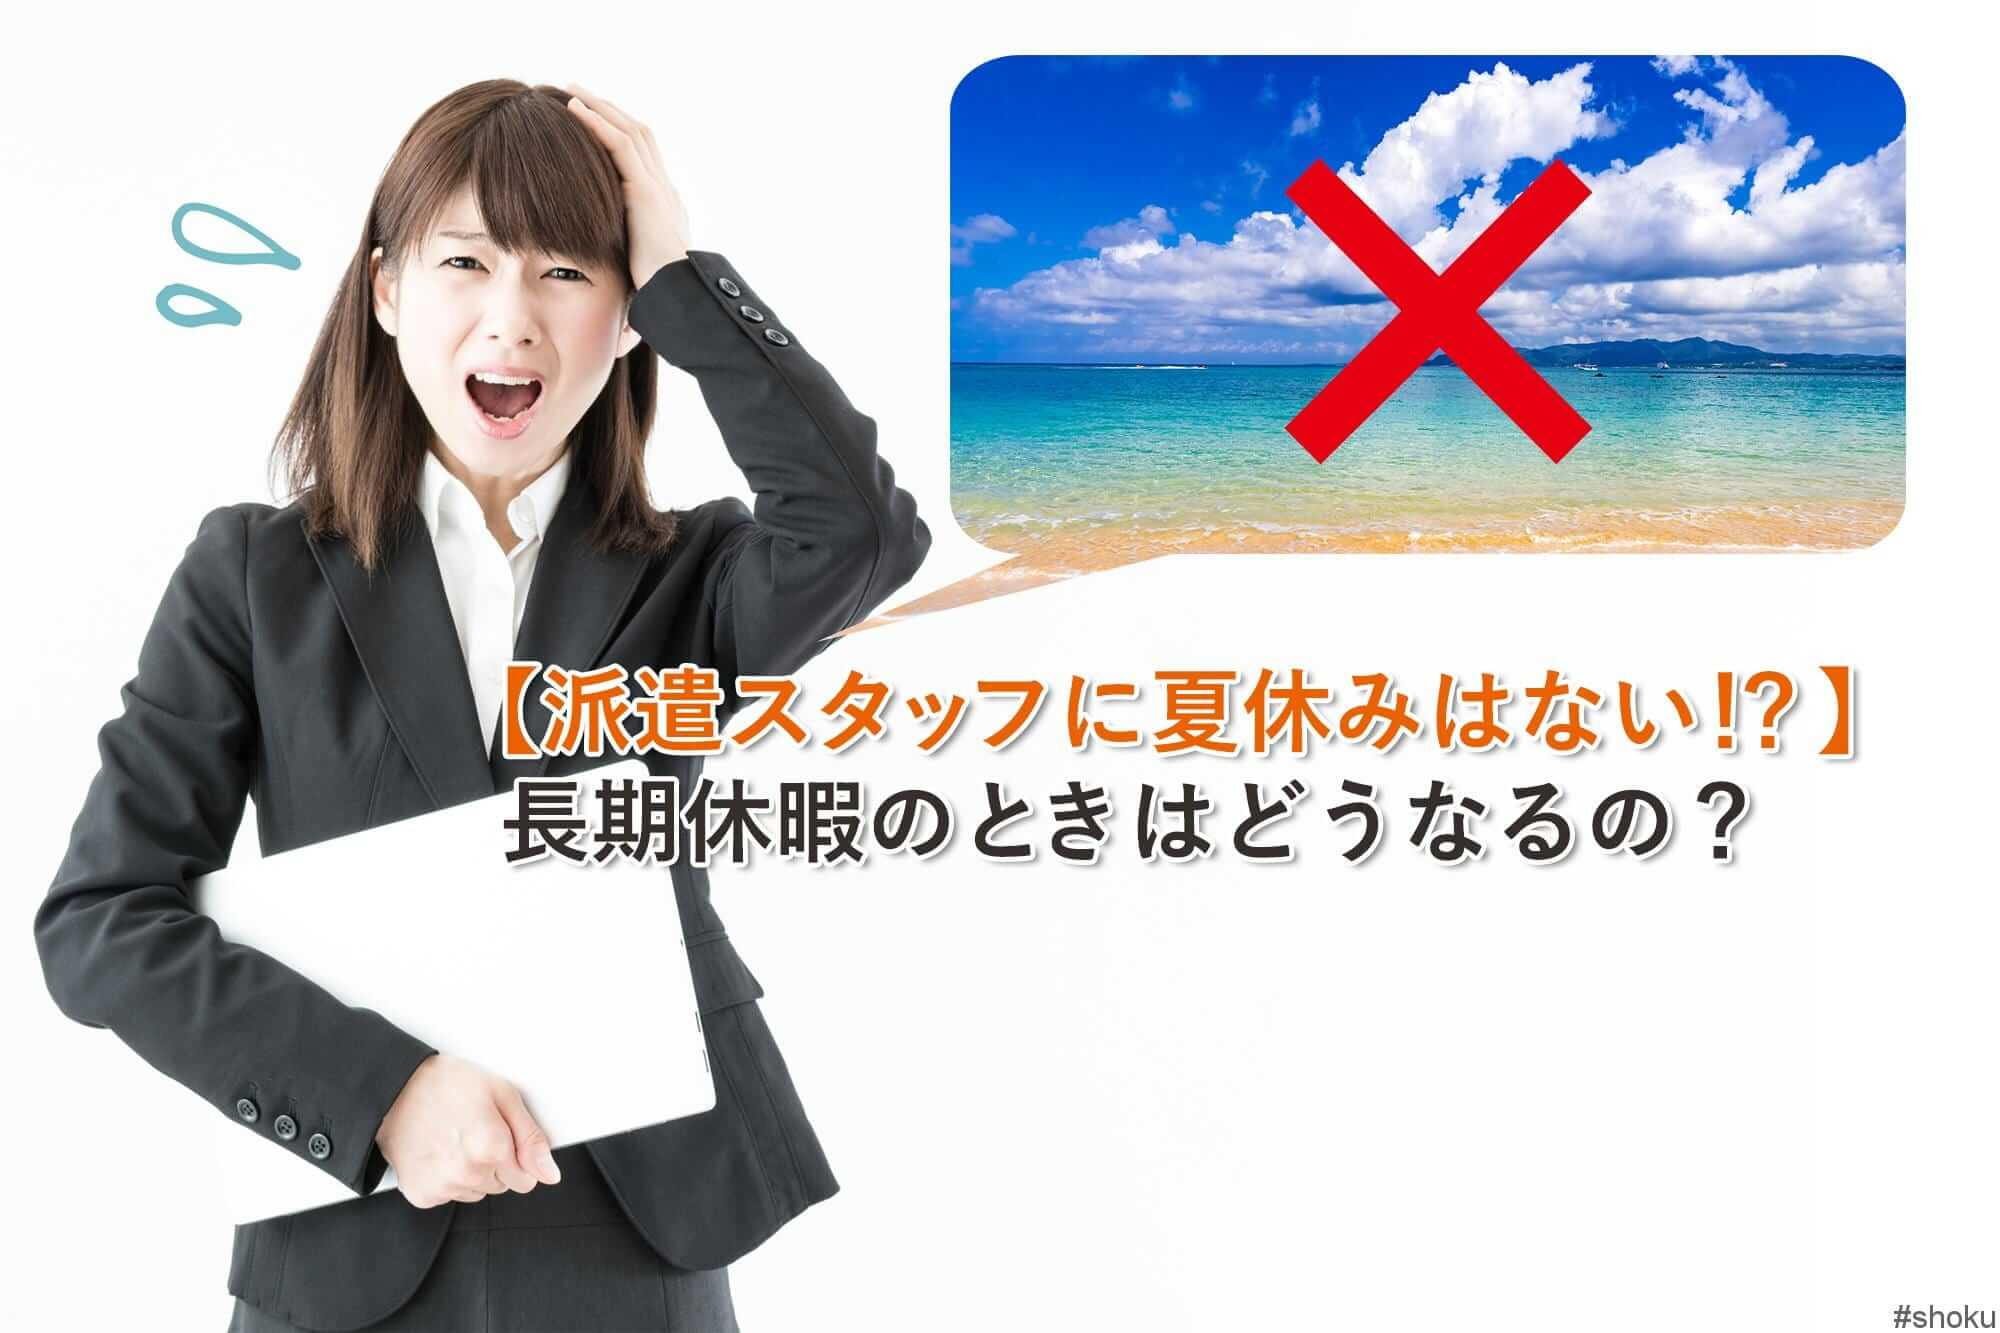 【派遣スタッフに夏休みはない!?】長期休暇のときはどうなるの?